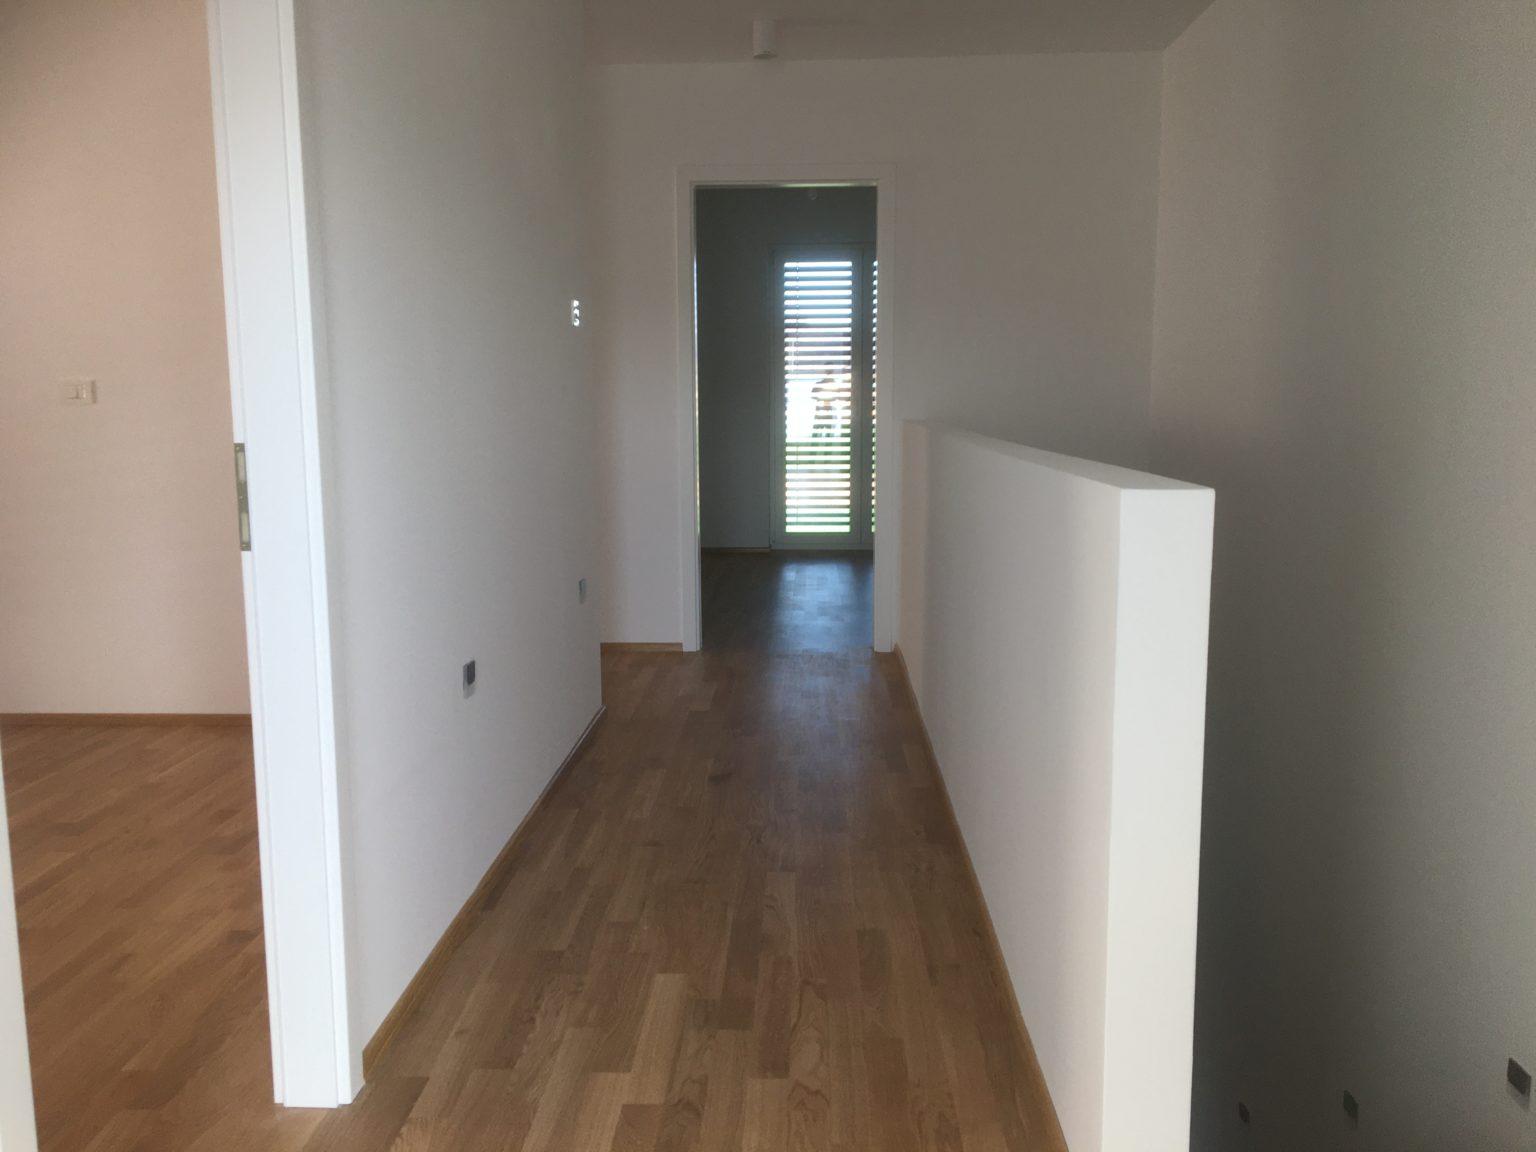 Soseska Brezje - pogled na hodnik v nadstropju